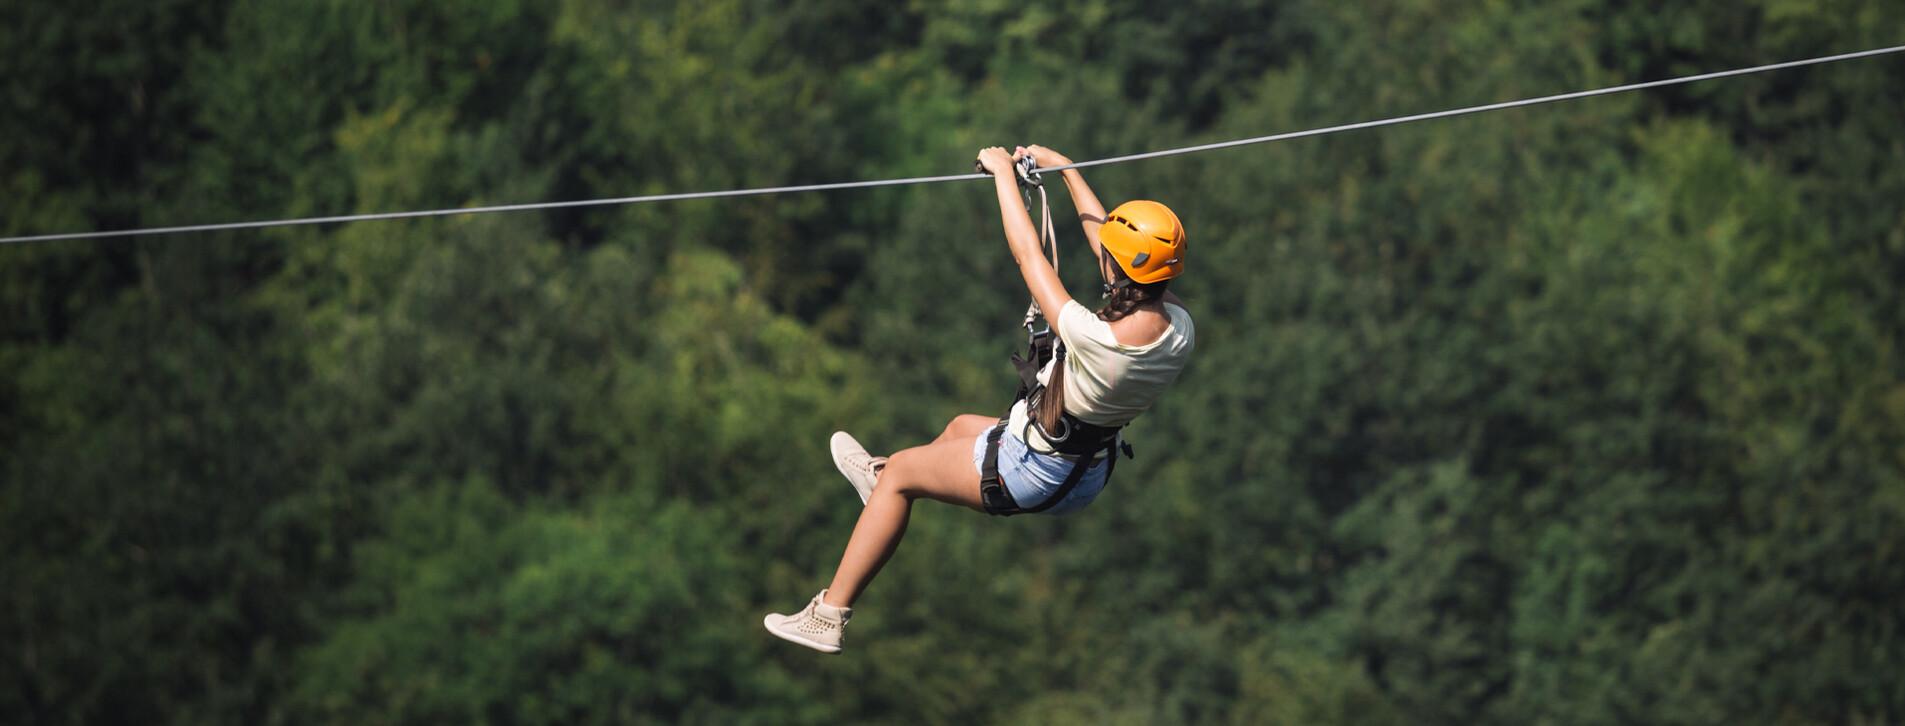 Фото 1 - Полет на Zip-line для компании